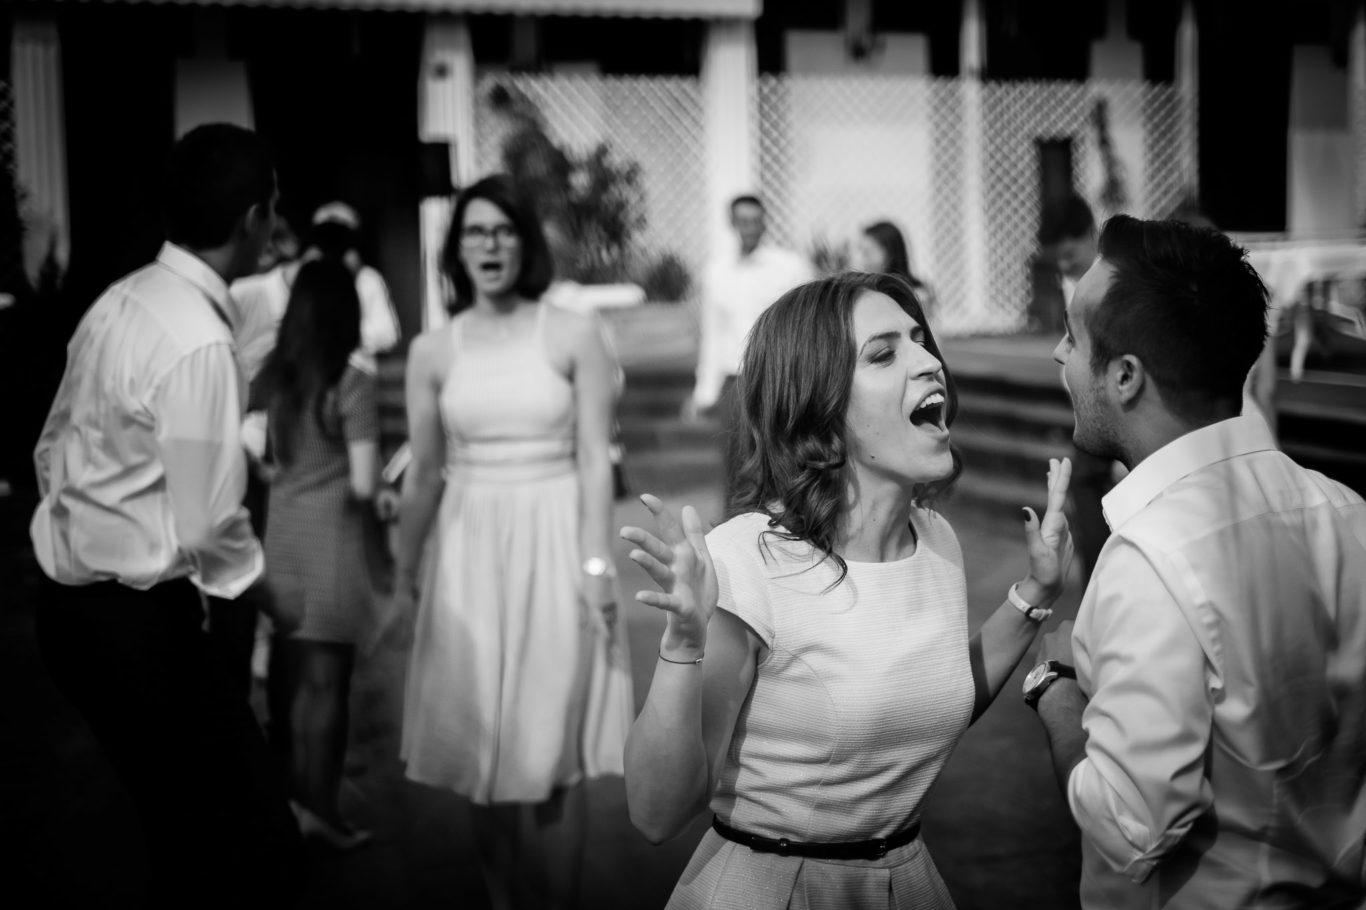 0380-Fotografie-nunta-botez-Ingrid-Geta-Mihai-fotograf-Ciprian-Dumitrescu-DSCF3460